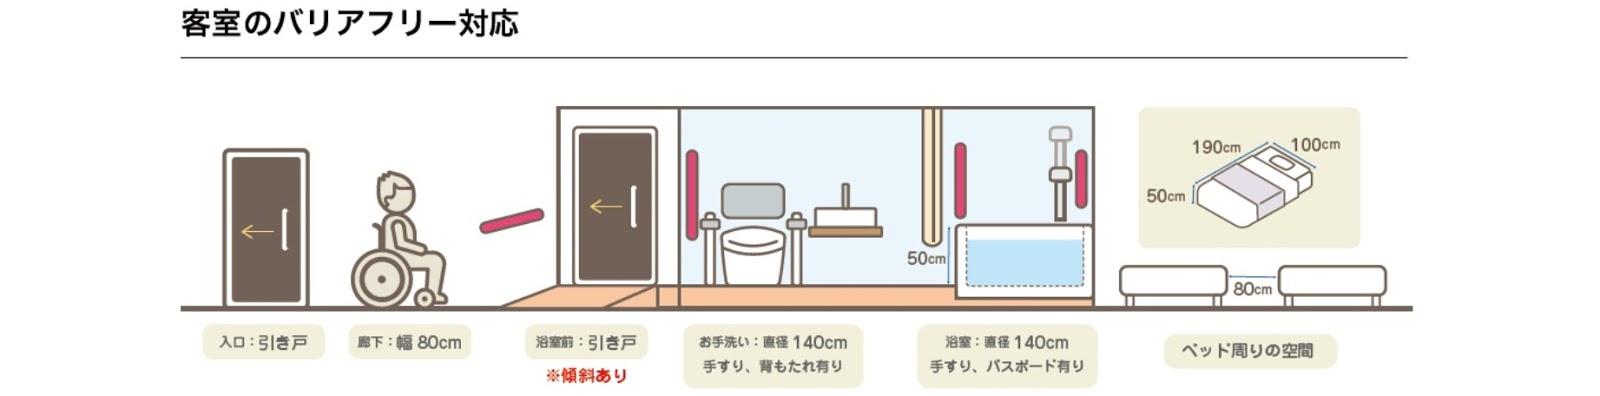 画像 客室の断面図